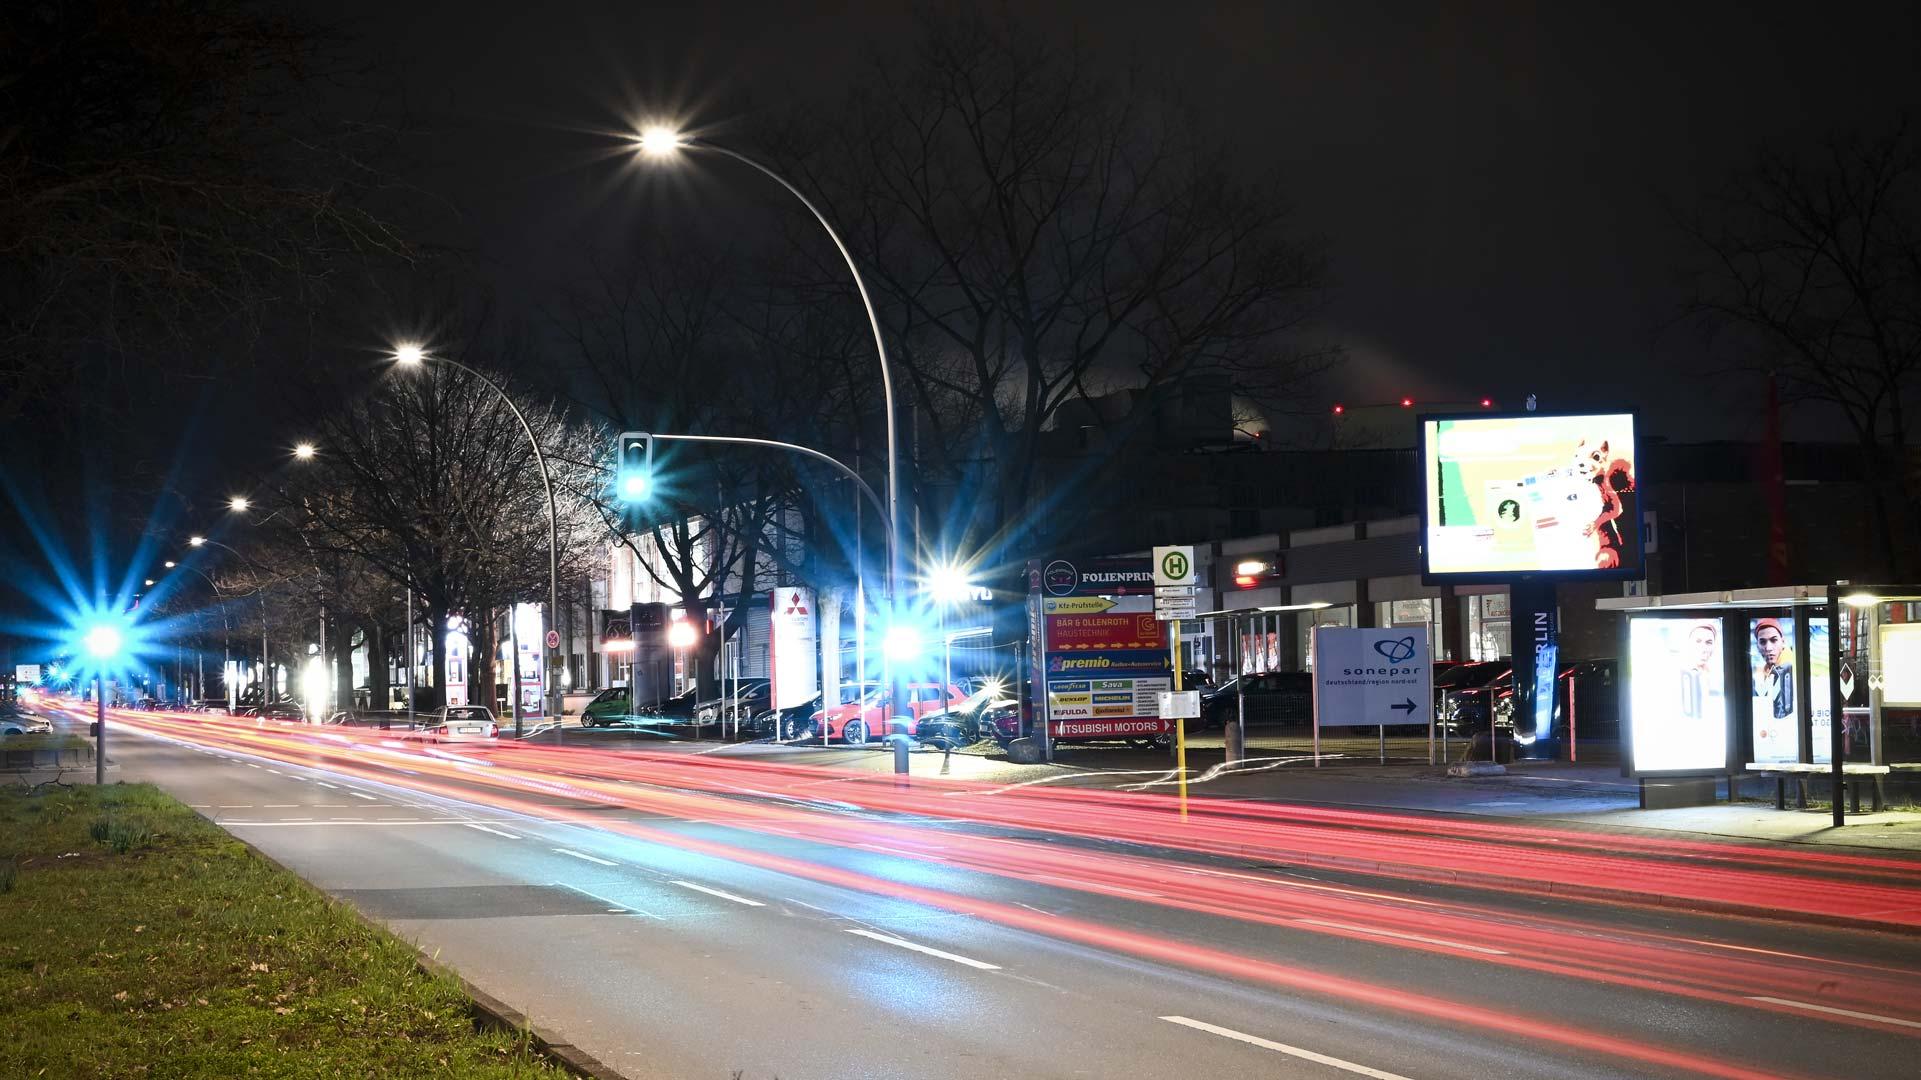 HD Berlin LED Werbefläche mieten in der Charlottenburger Chaussee 47 Berlin, LED Werbung Berlin